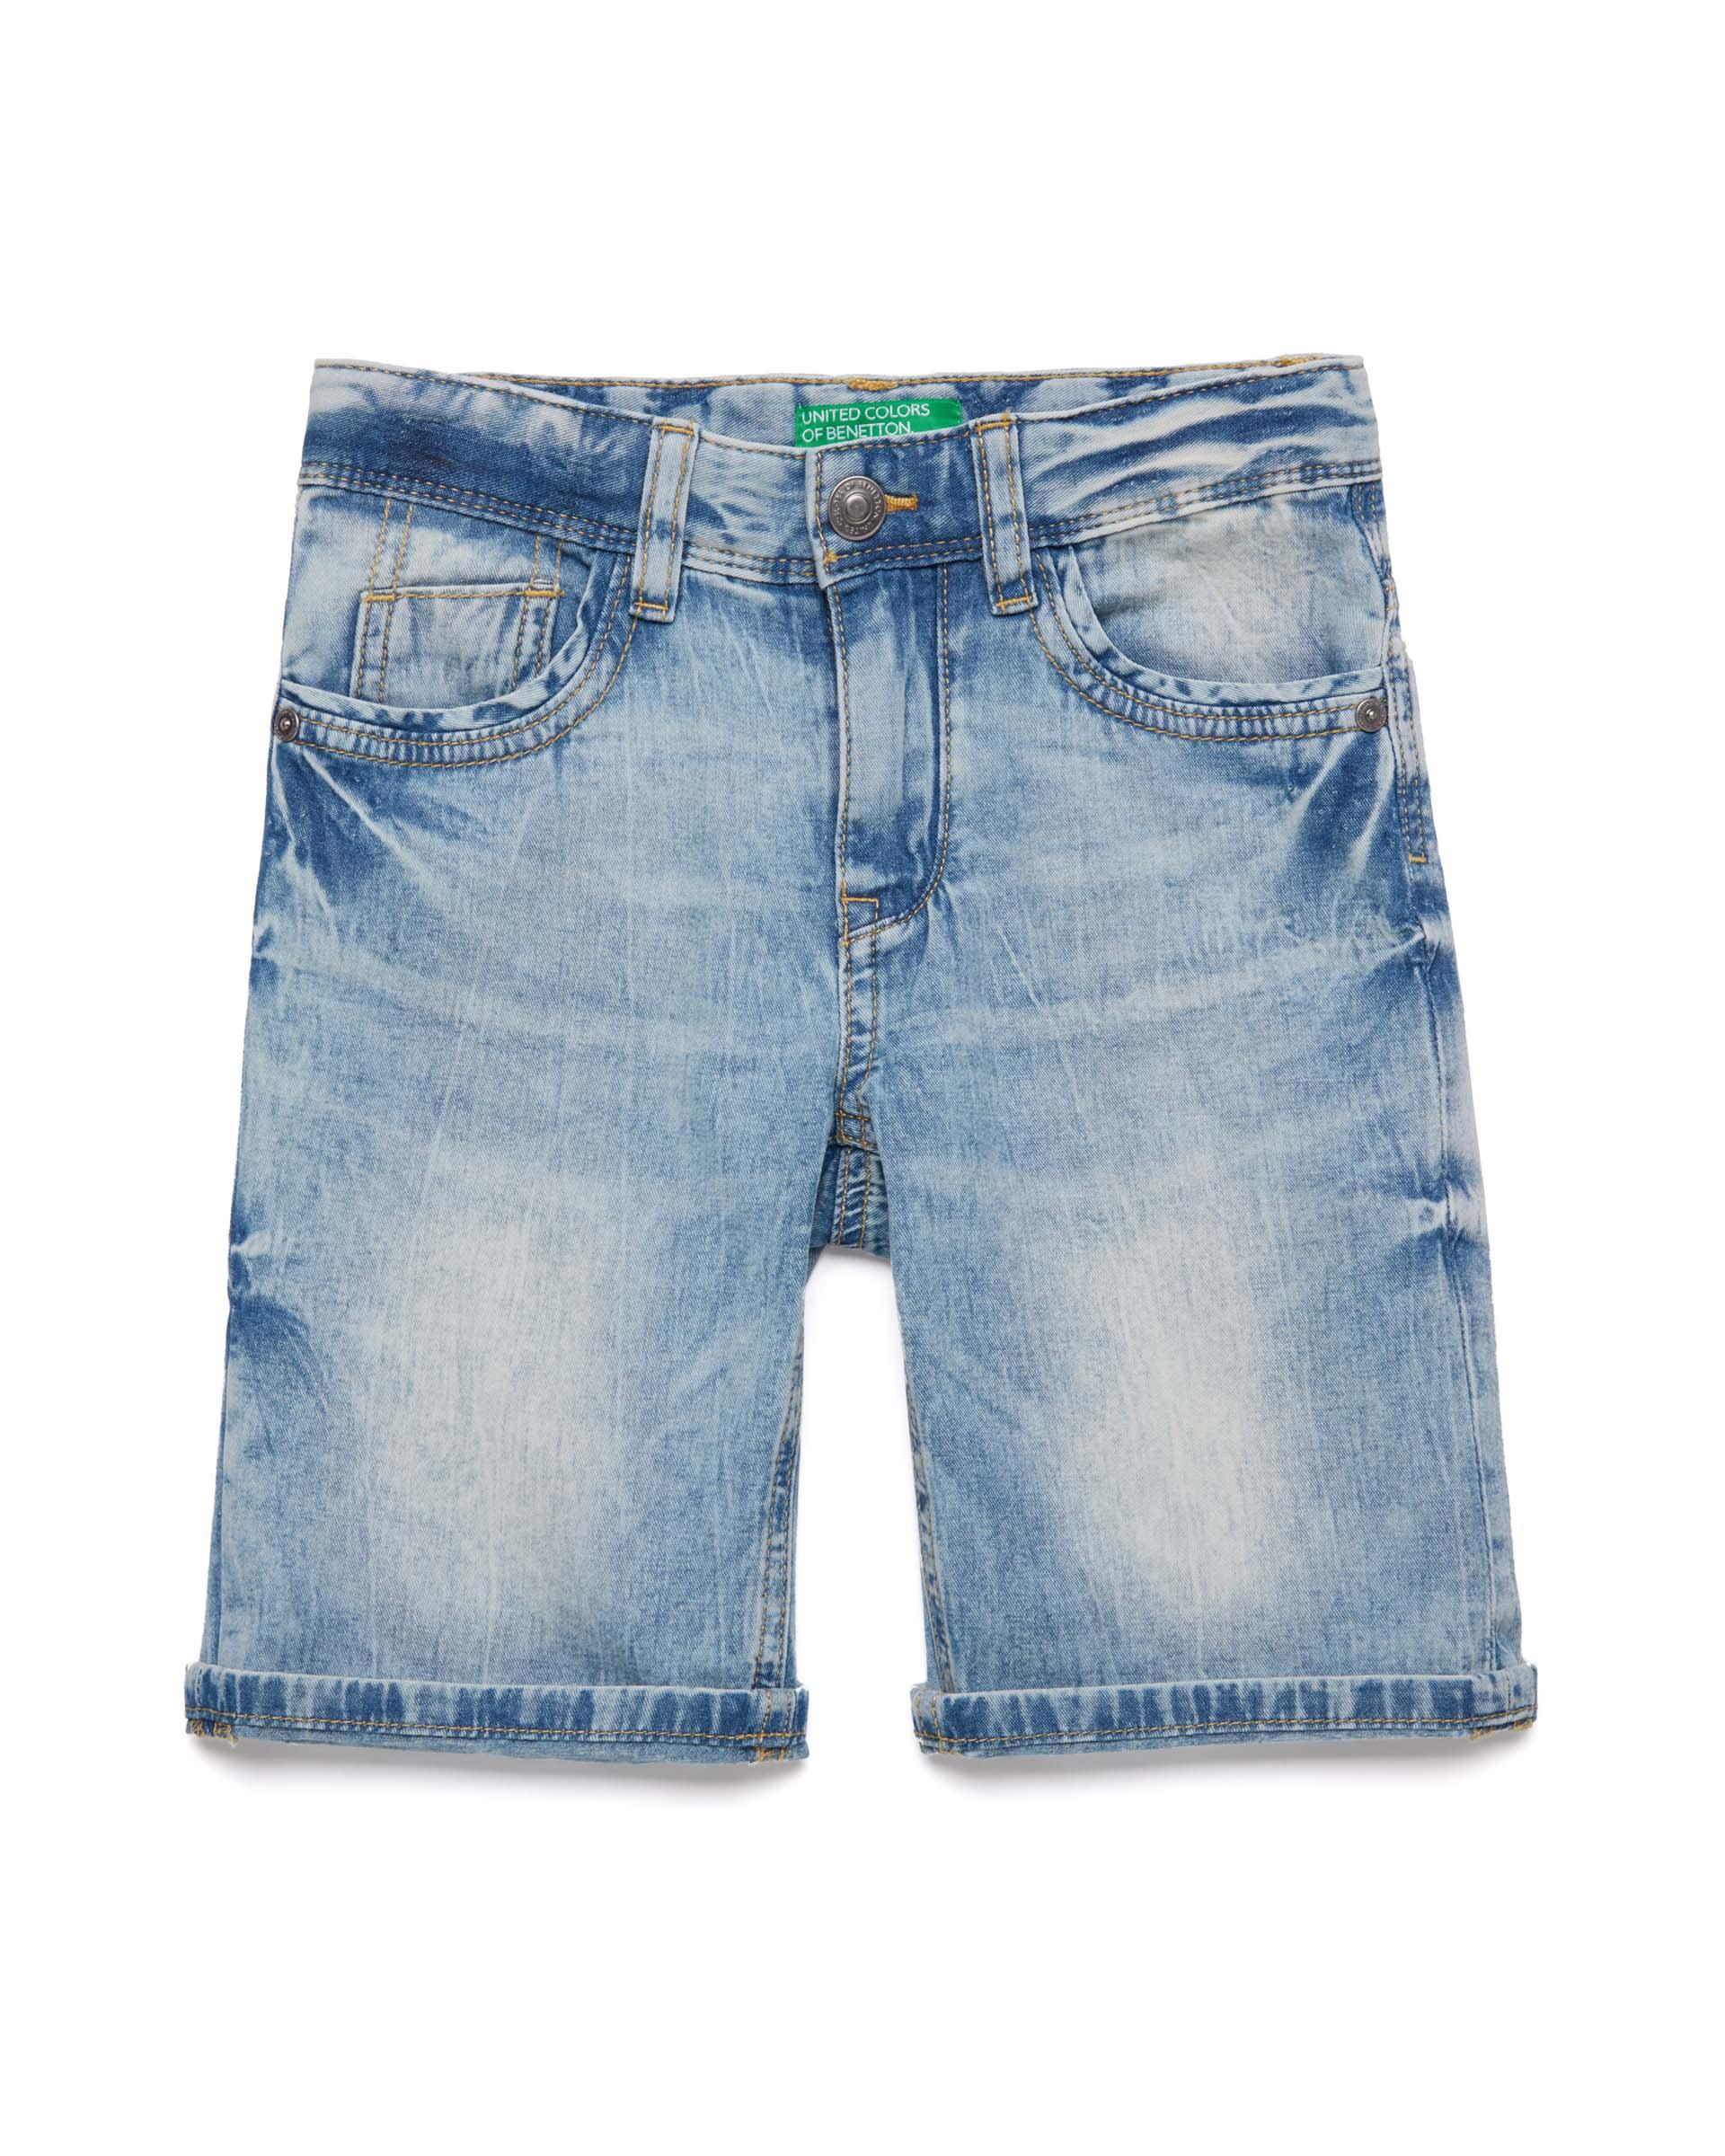 Купить 20P_4XR659EC0_901, Джинсовые шорты для мальчиков Benetton 4XR659EC0_901 р-р 128, United Colors of Benetton, Шорты для мальчиков